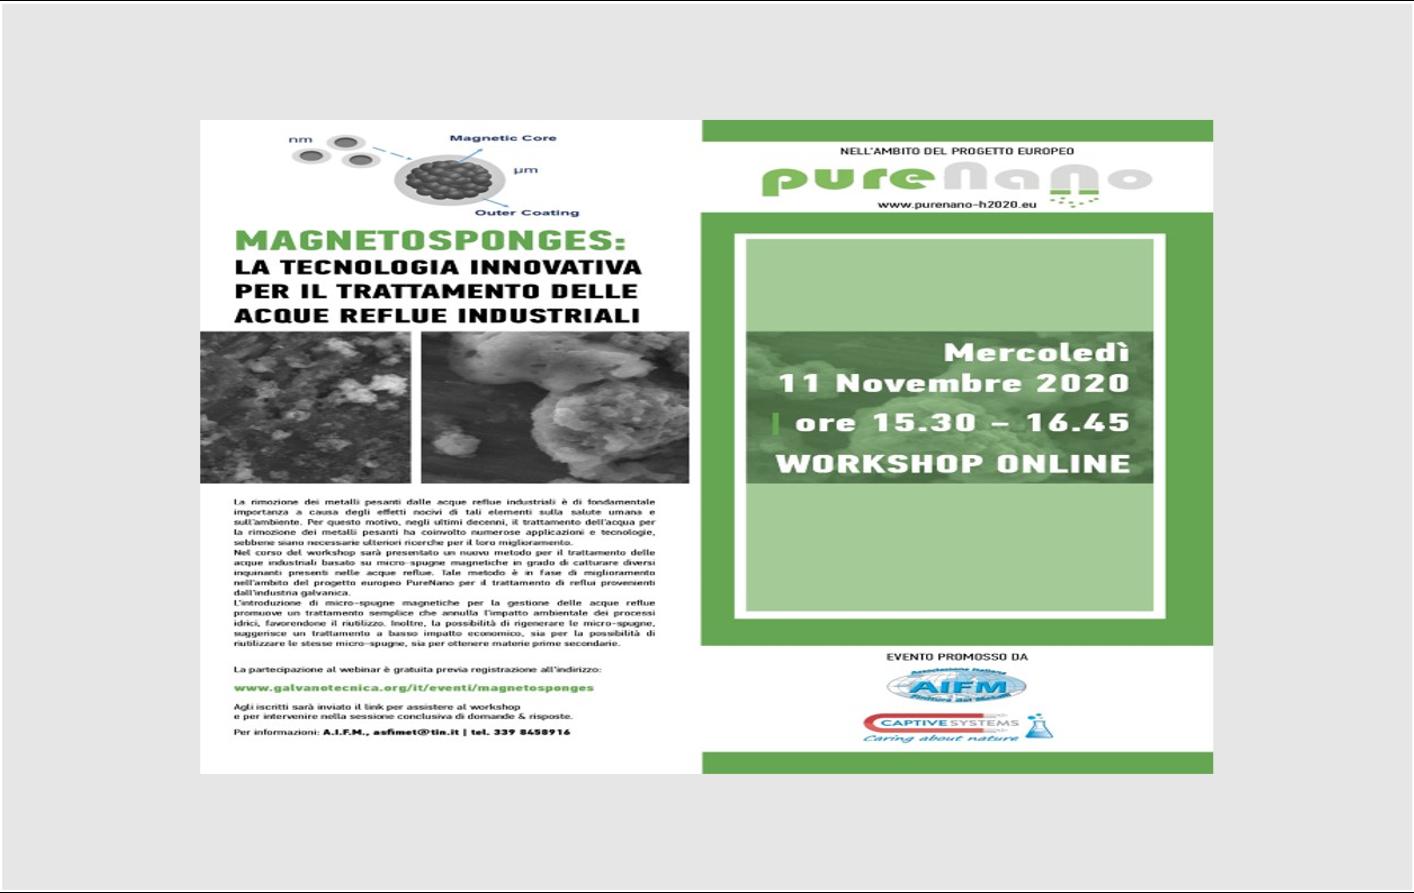 PureNano presented at  the online Magnetosponges Workshop, 11 November 2020